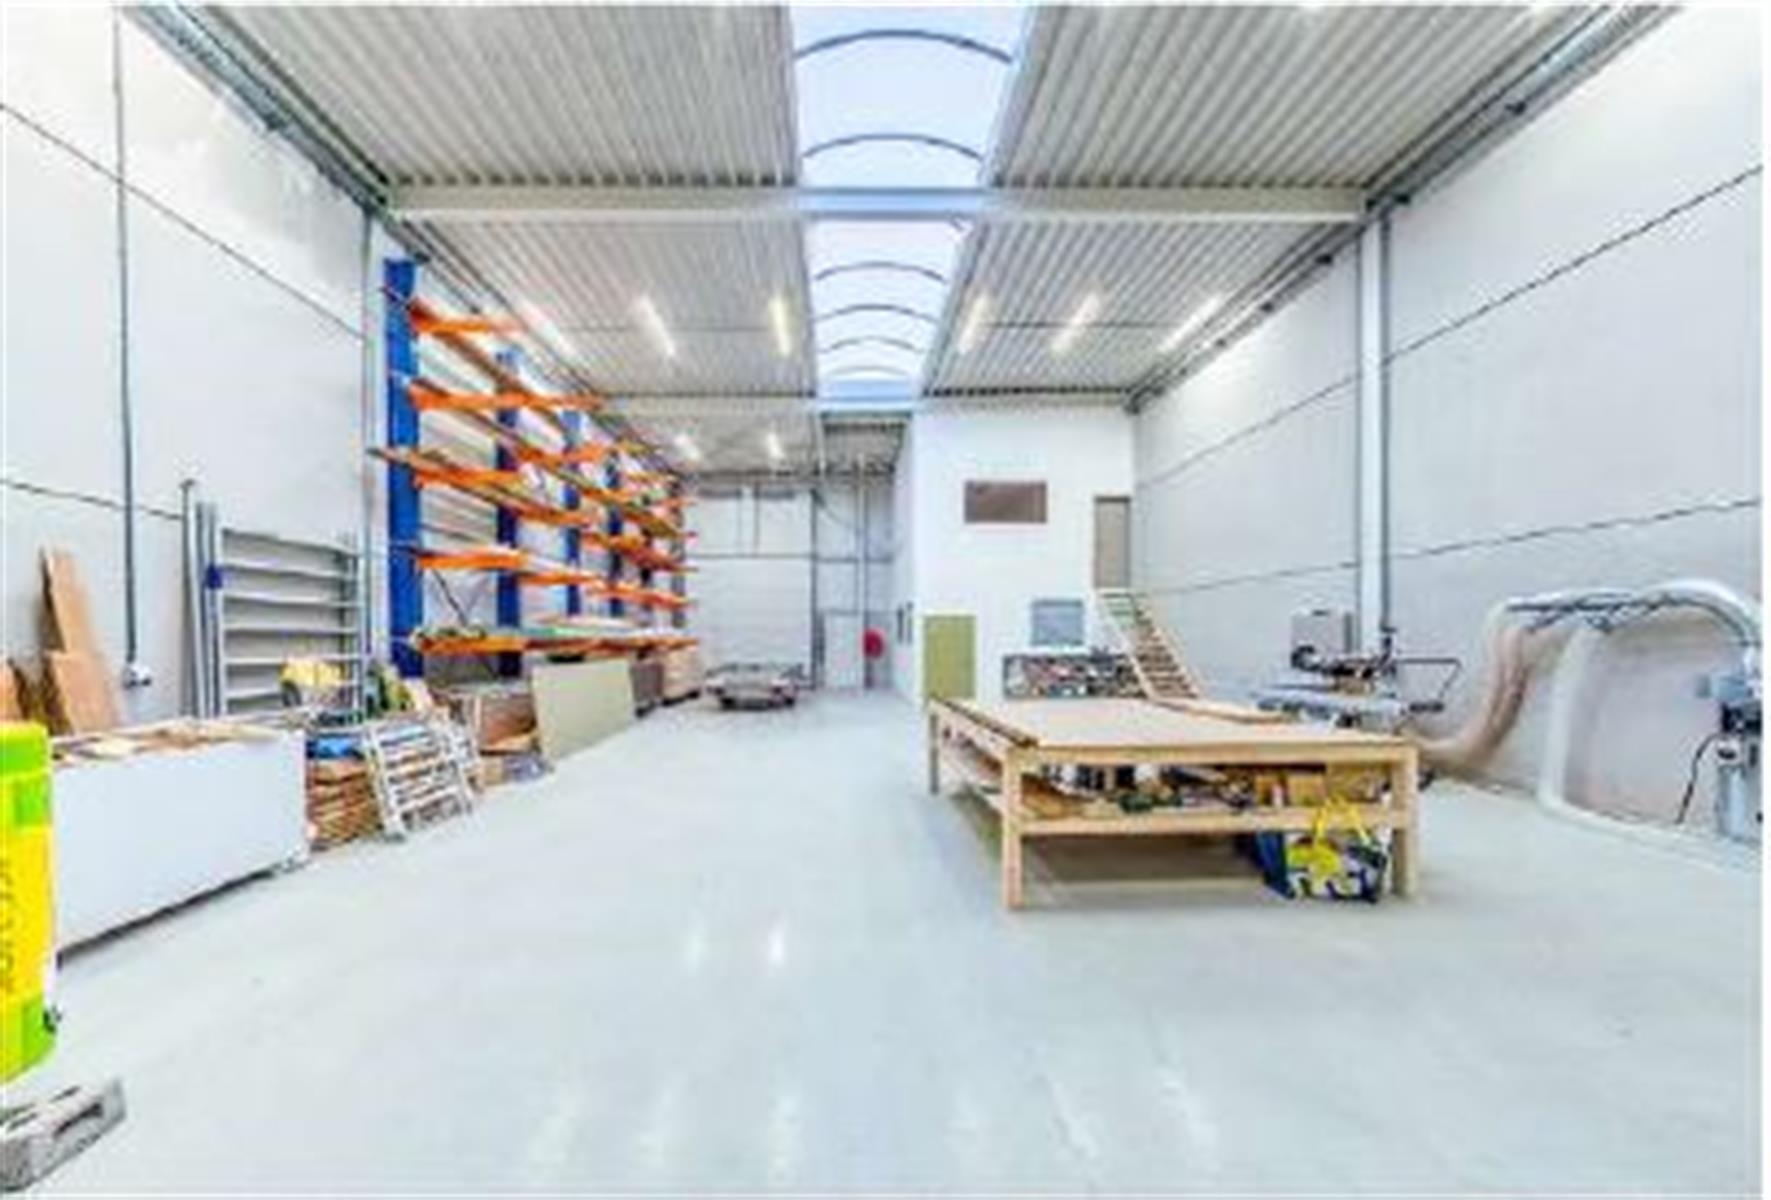 KMO-unit te koop UNIT 6.1.2 - Bollaarstraat 6, 2500 Lier, België 11